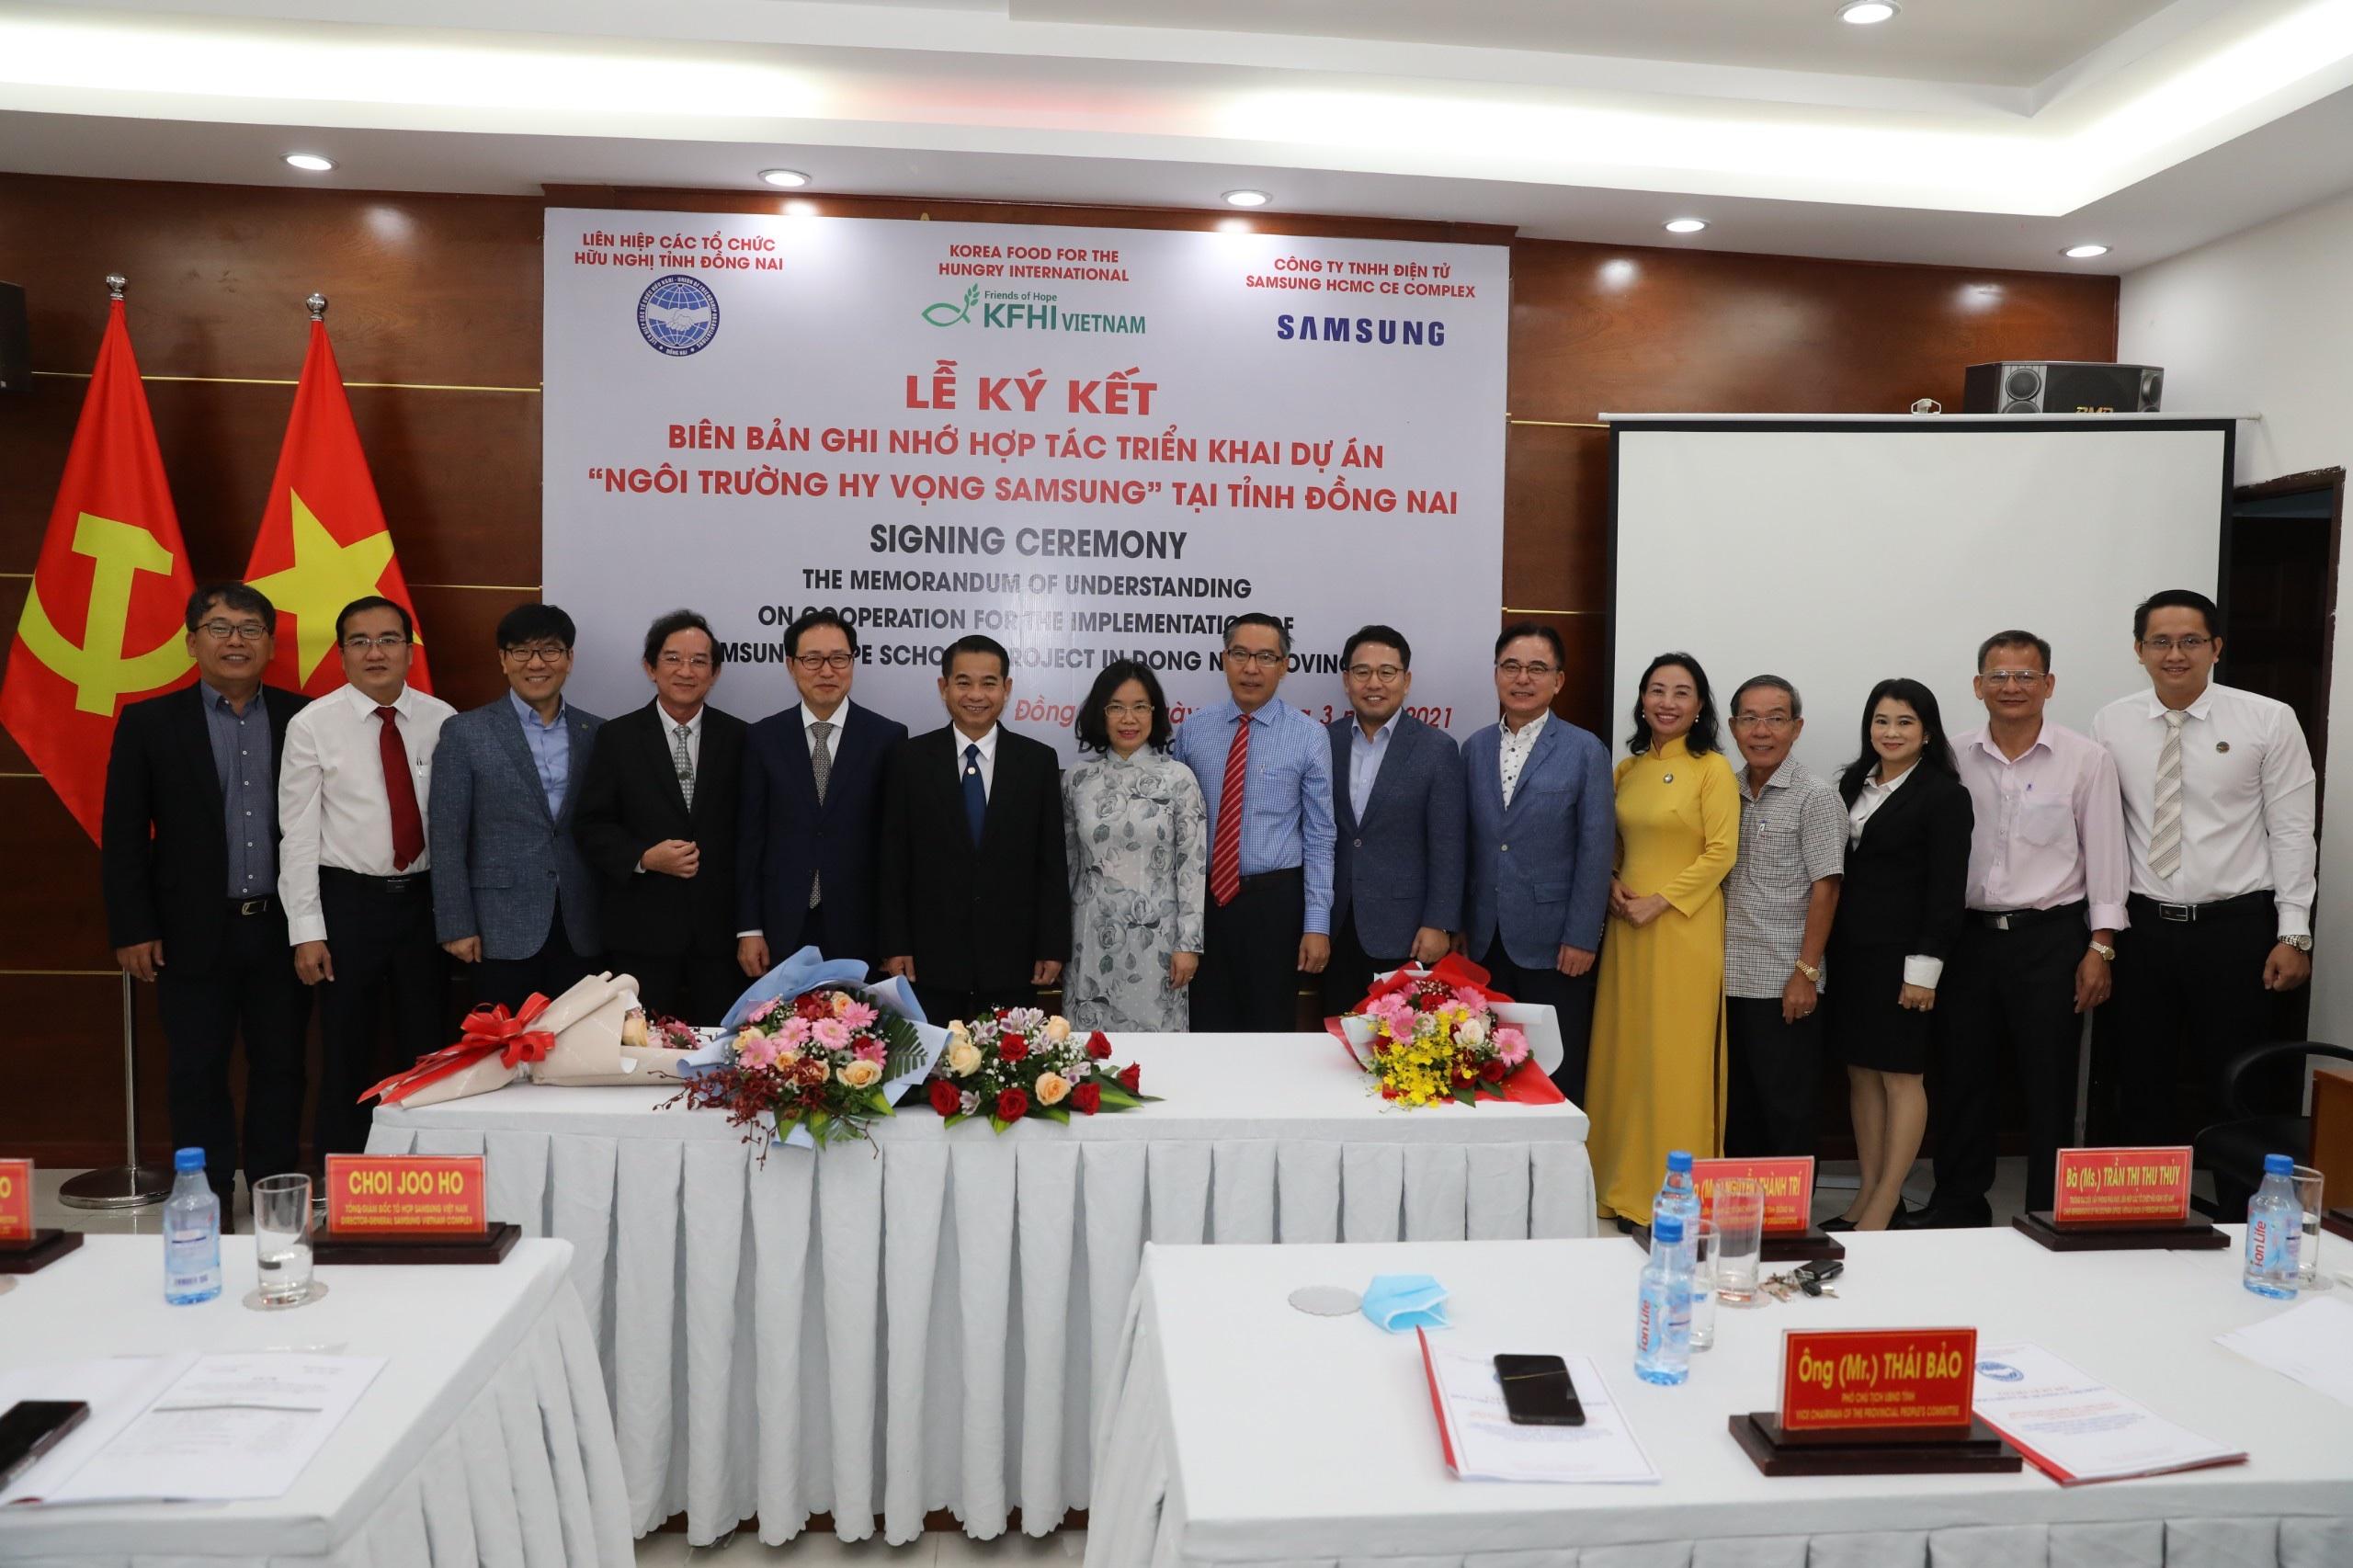 Các đại biểu tham dự lễ ký kết